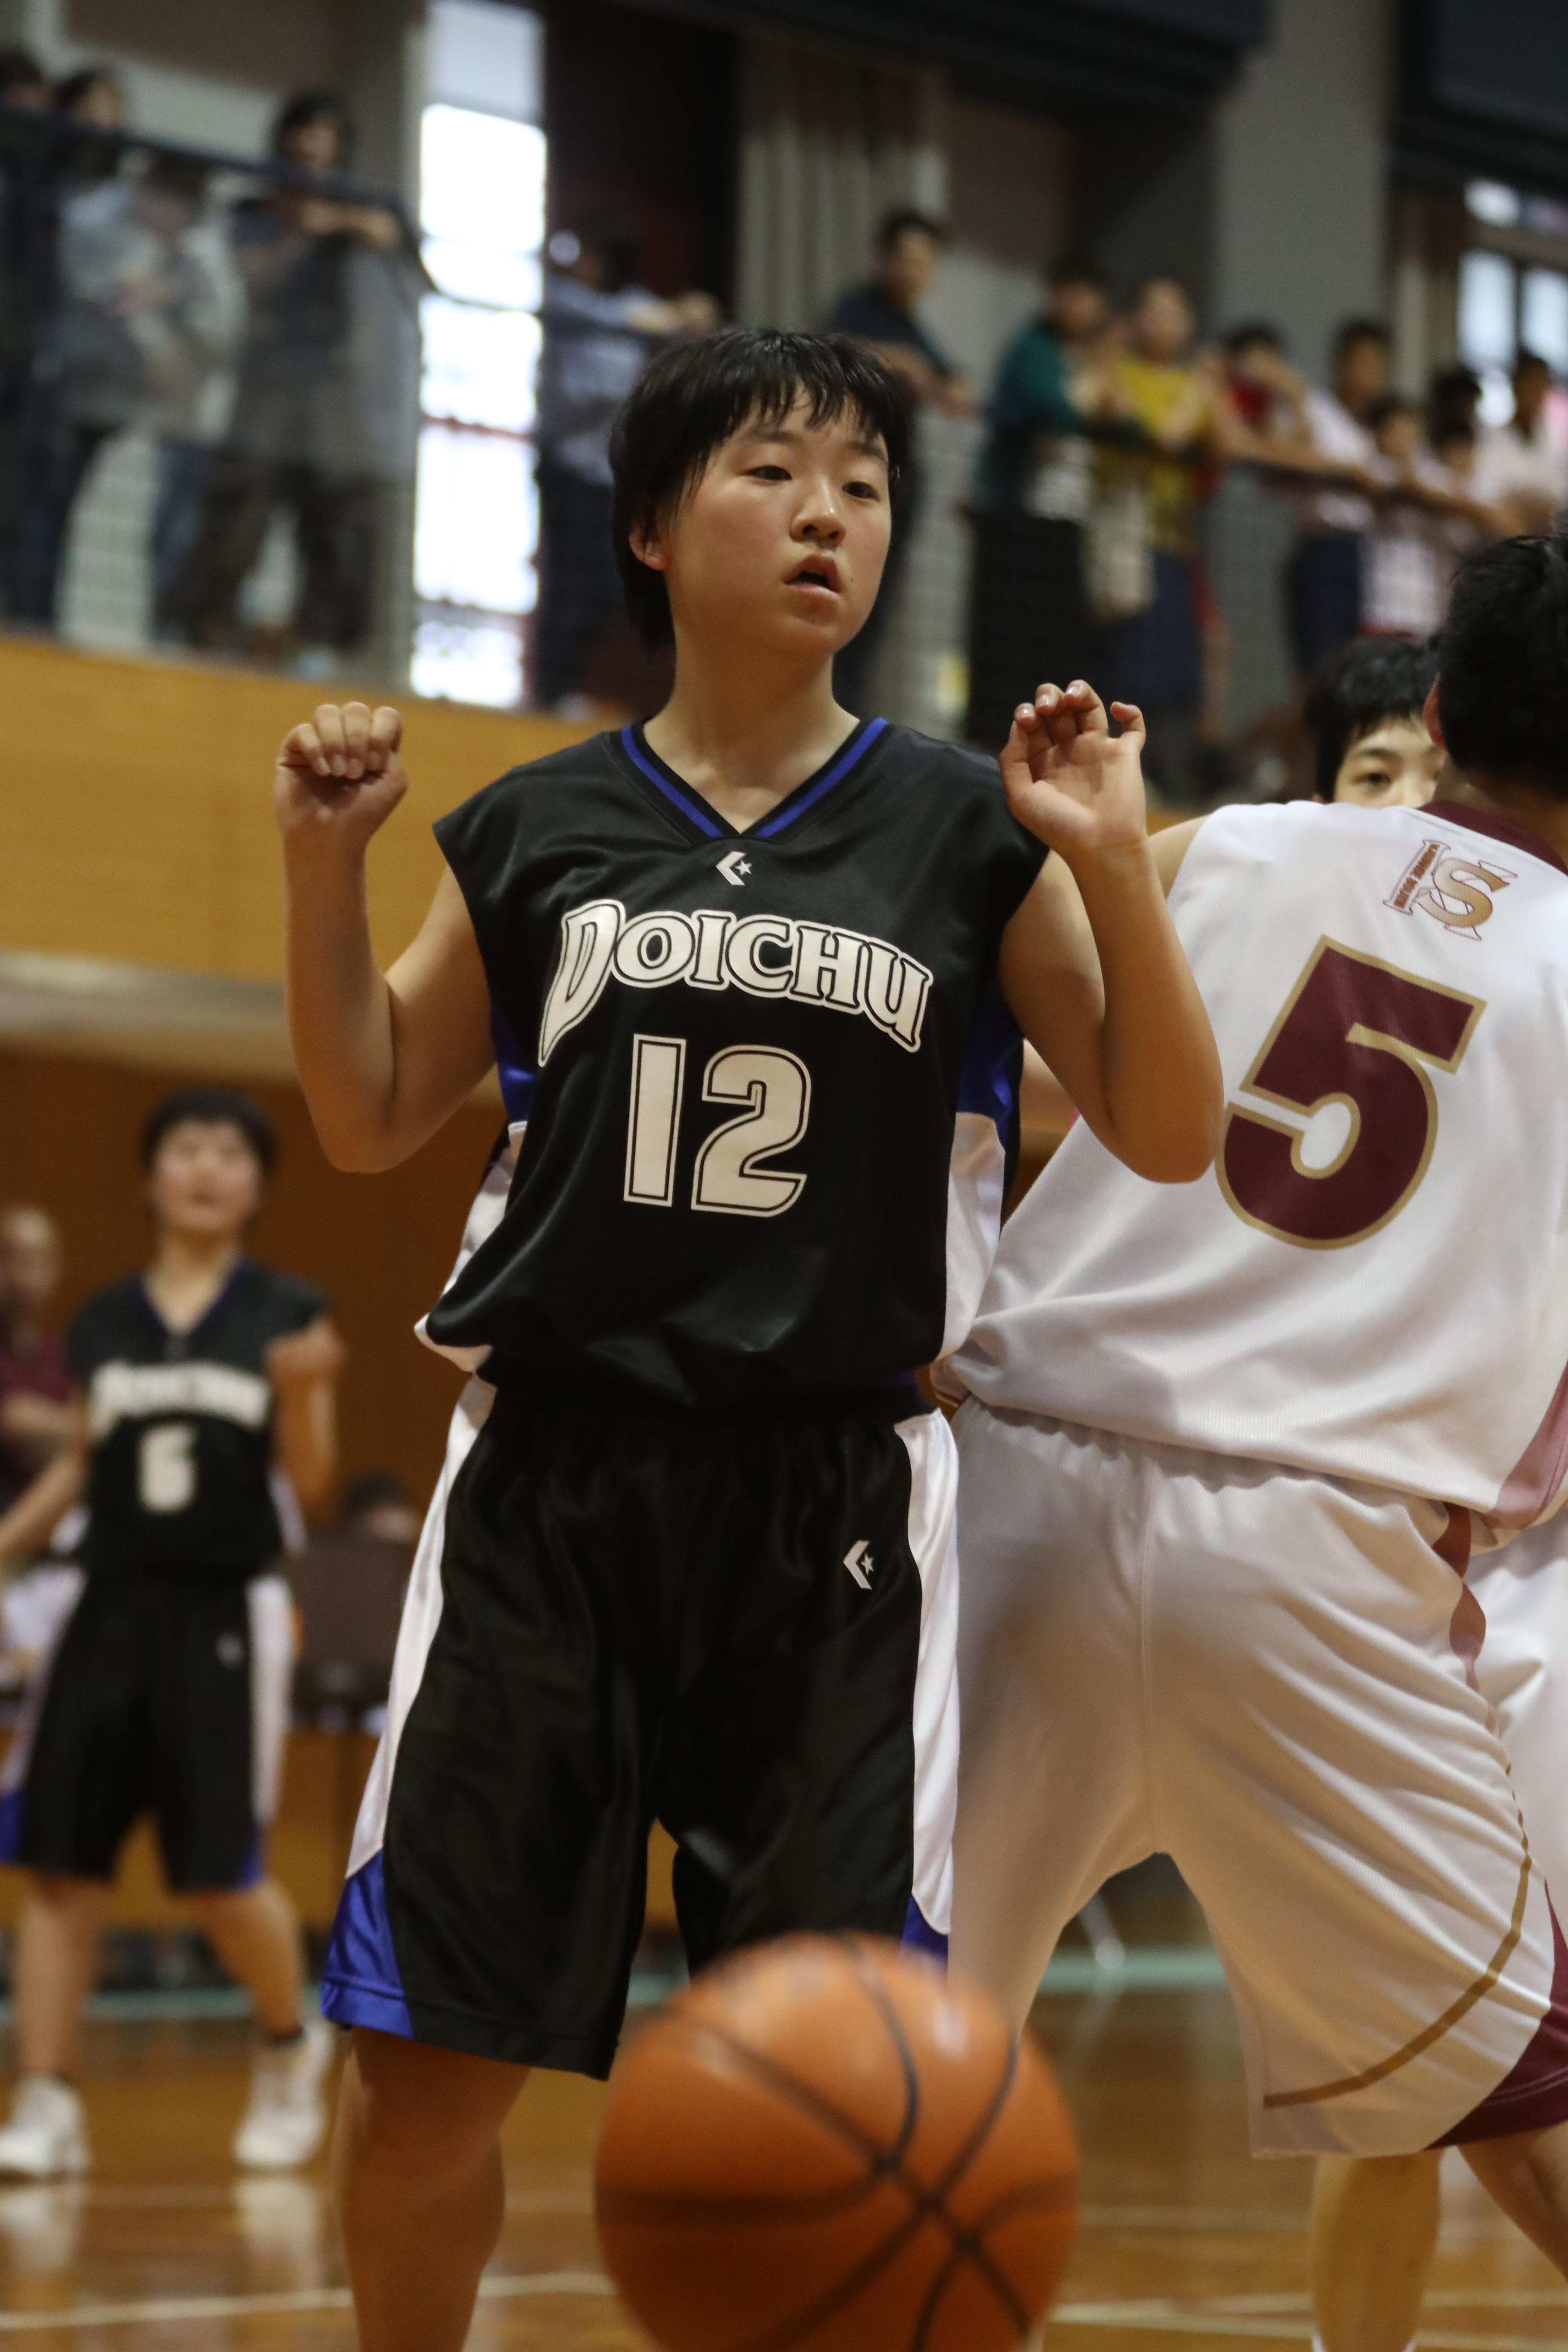 バスケット (139)